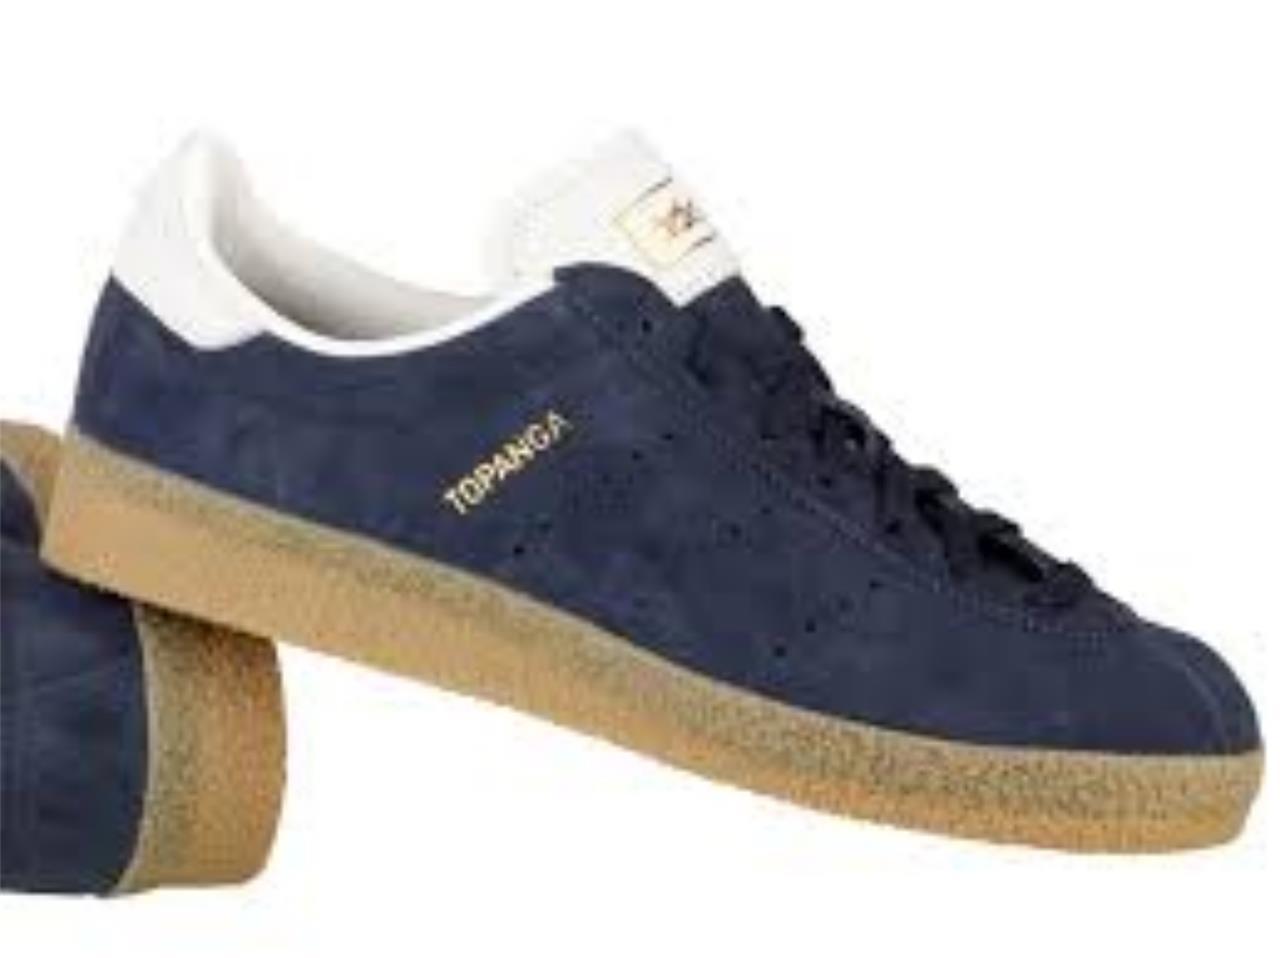 Adidas mens topanga pulito trainer scarpa scarpa scarpa retrò originale nuove s80072 cuoio11,5   New Style  94d79d